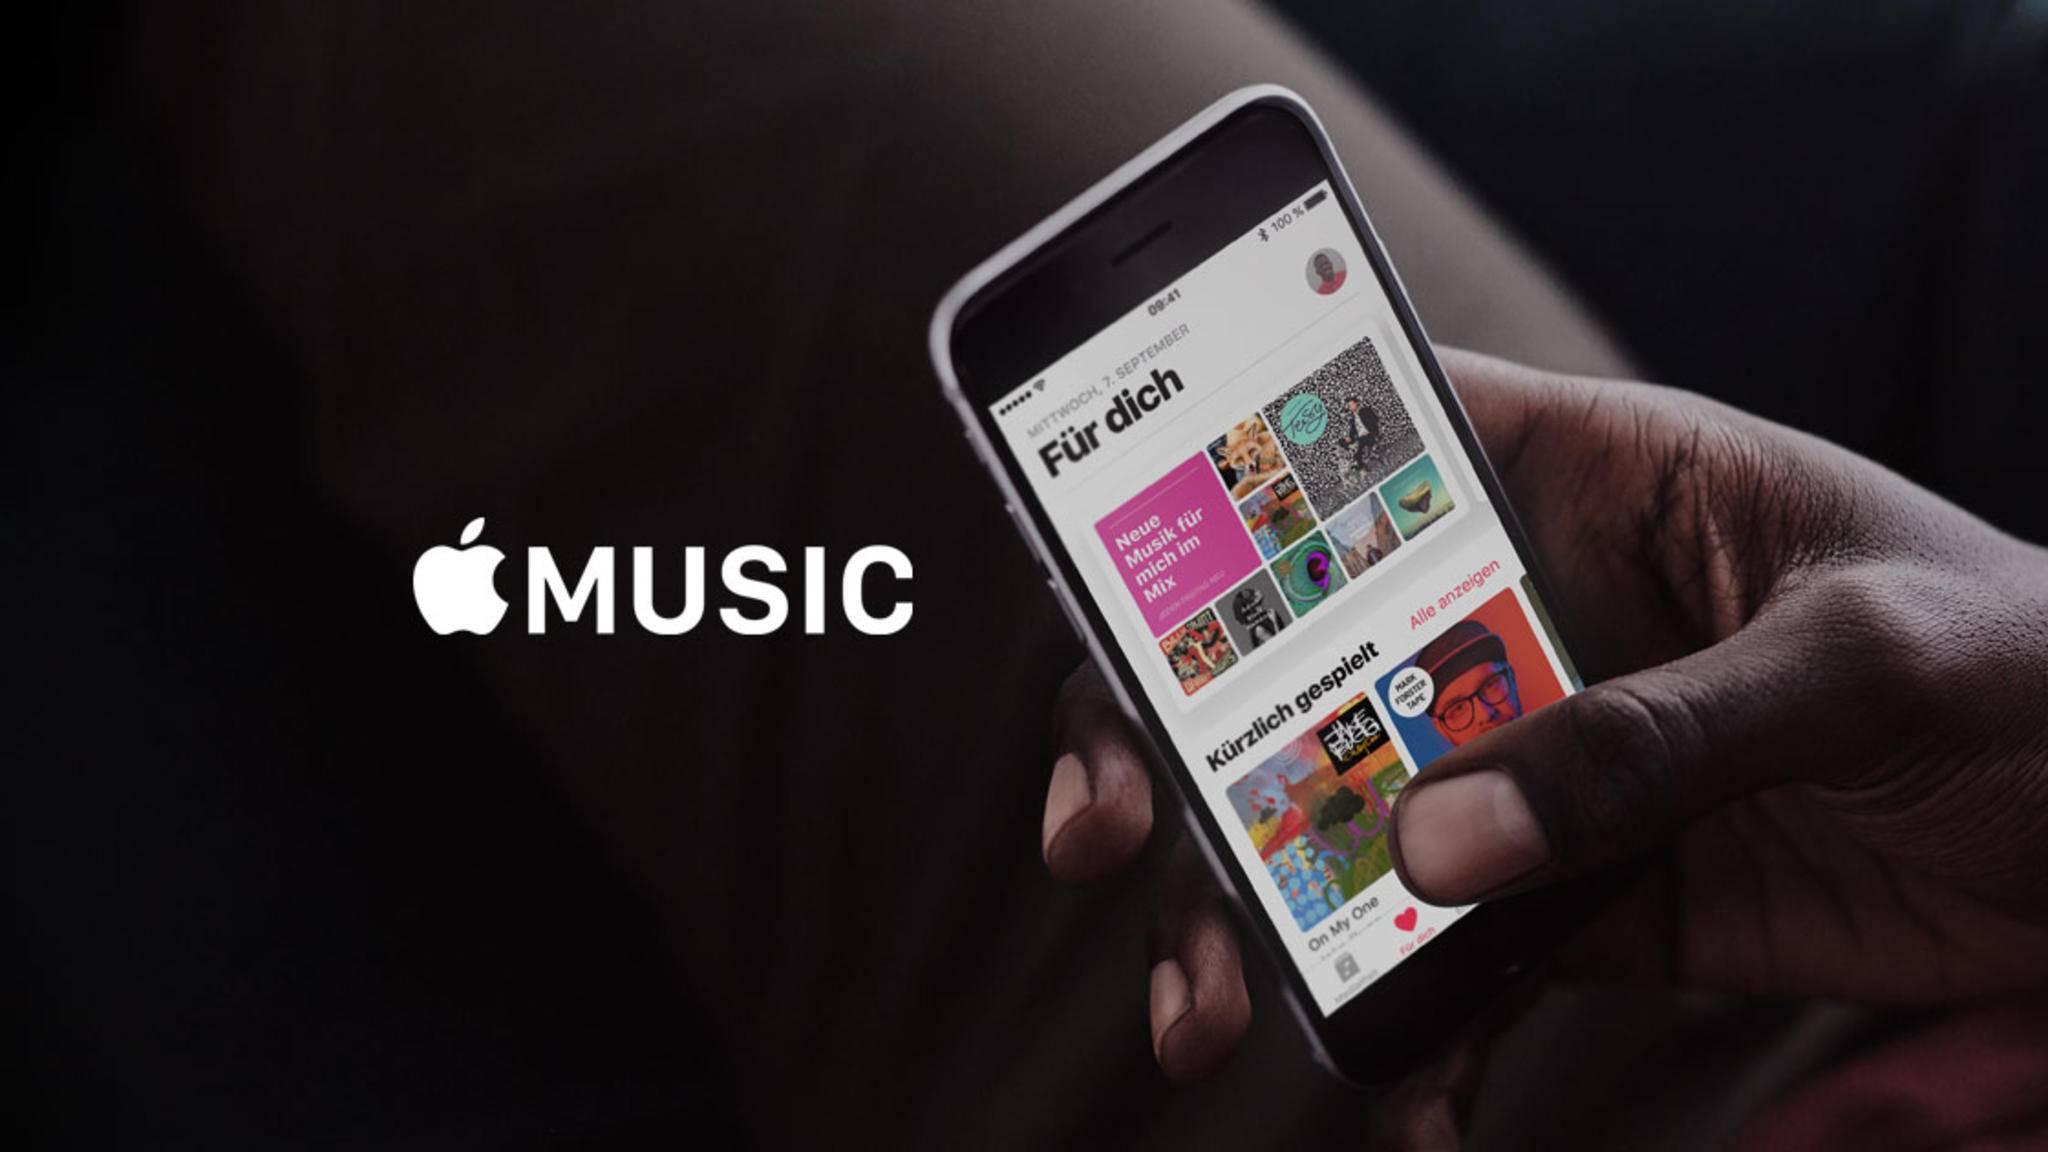 Mit diesen 6 Tipps genießt Du Apple Music günstiger.